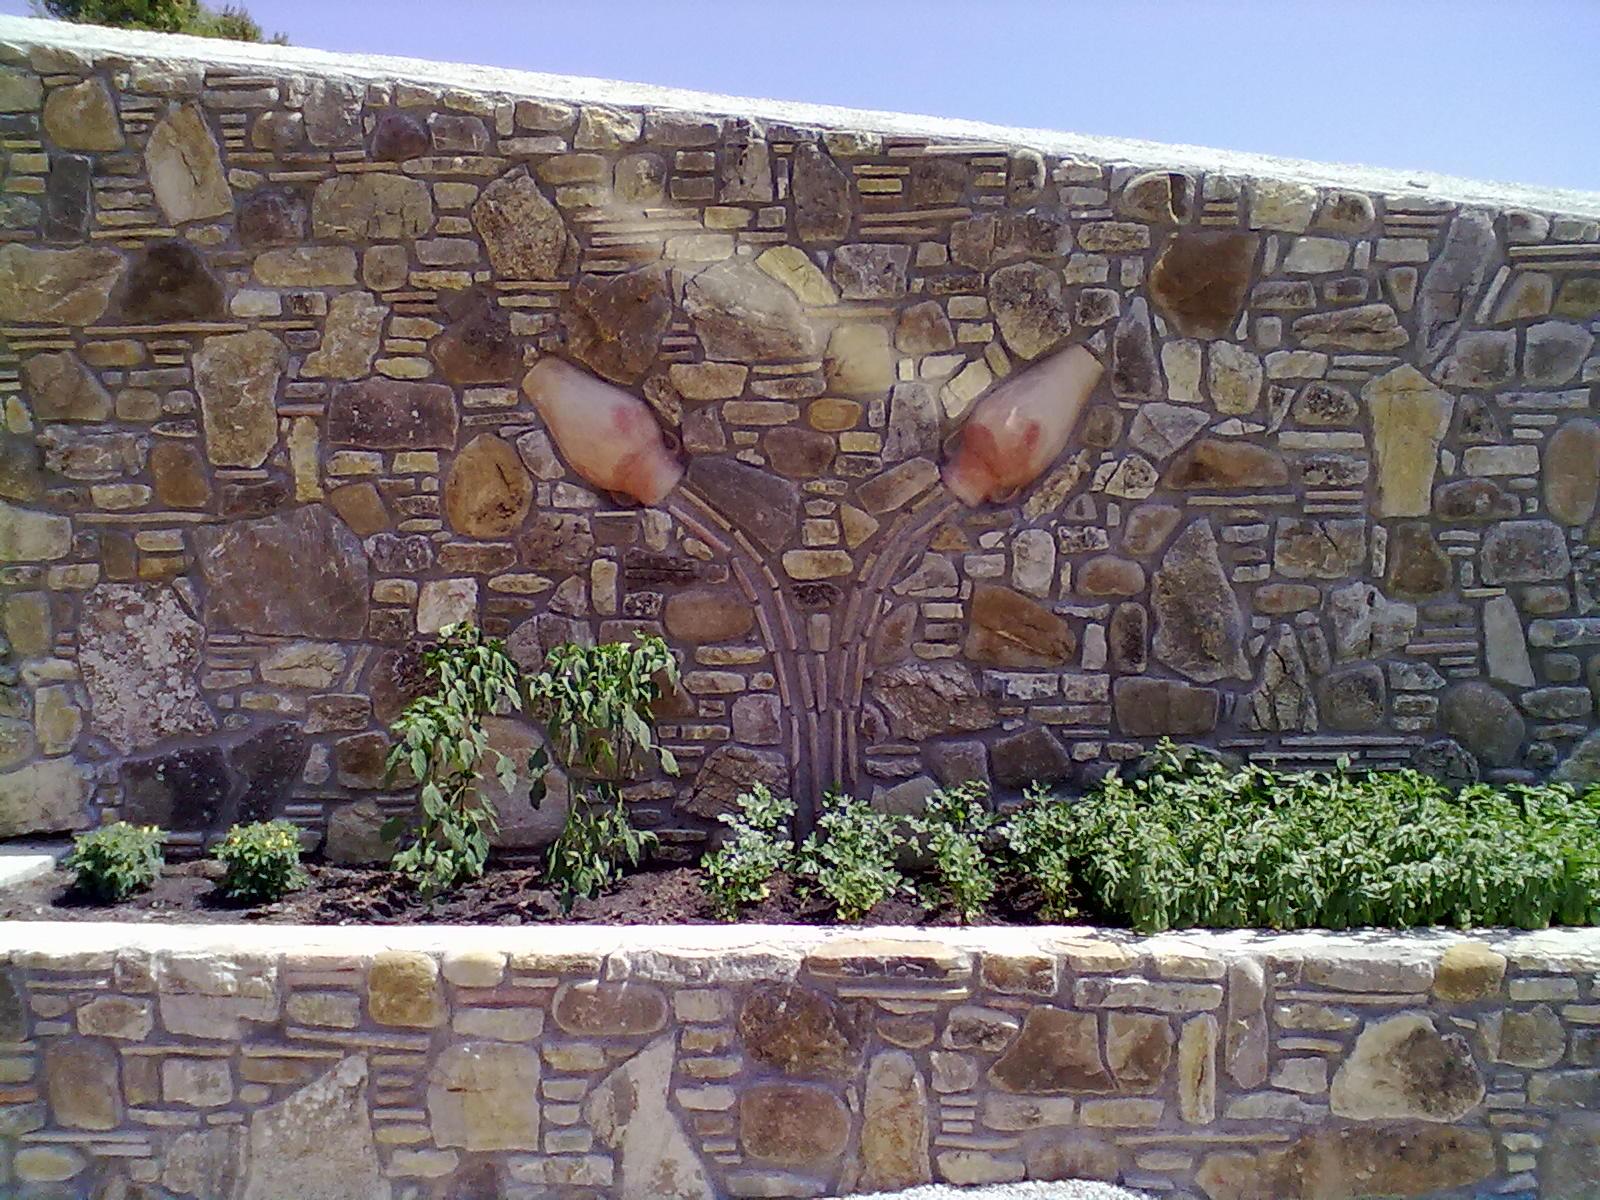 Nikcorporation muri con decorazioni elevate - Decorazioni muri stanzette ...